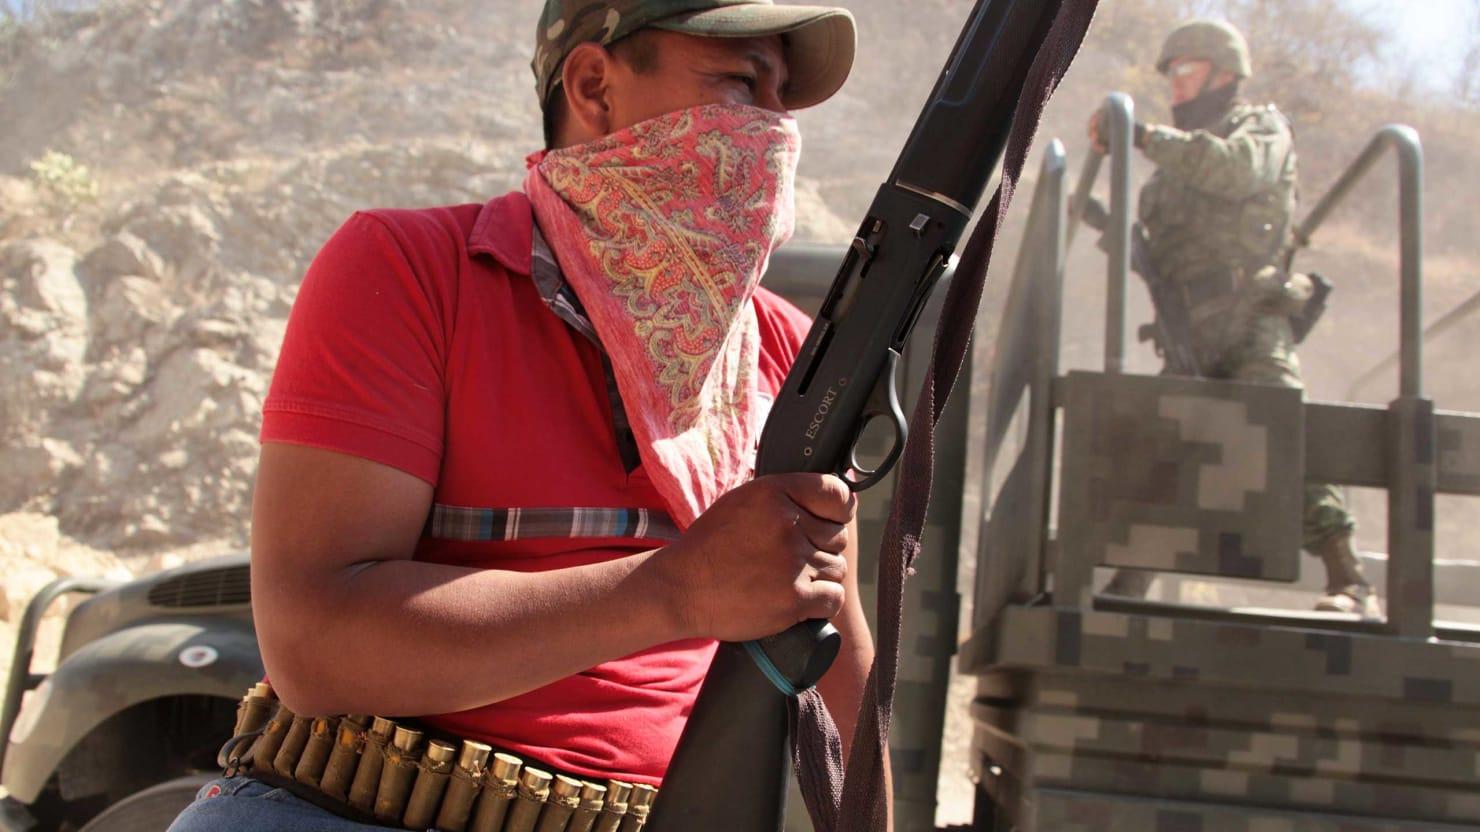 Mexican Vigilante Justice Hits $7 Billion Gold Mine